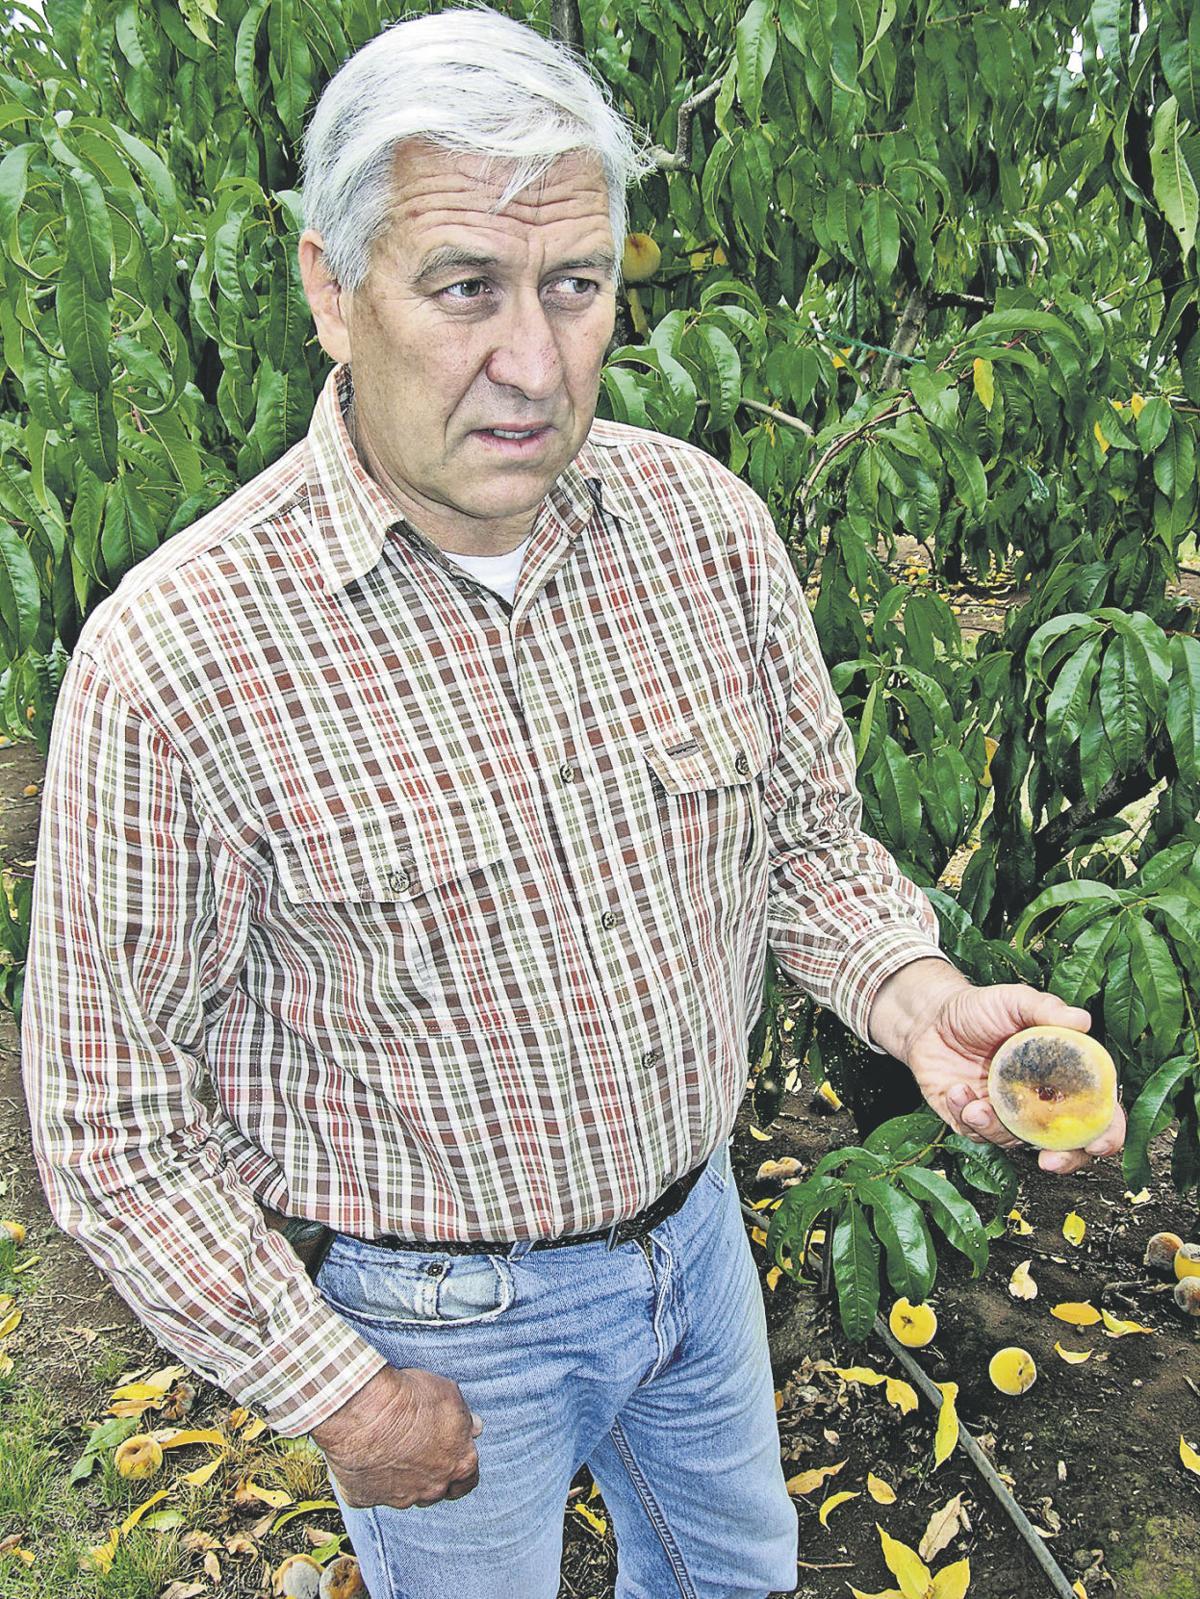 New fruit pest triggers concerns